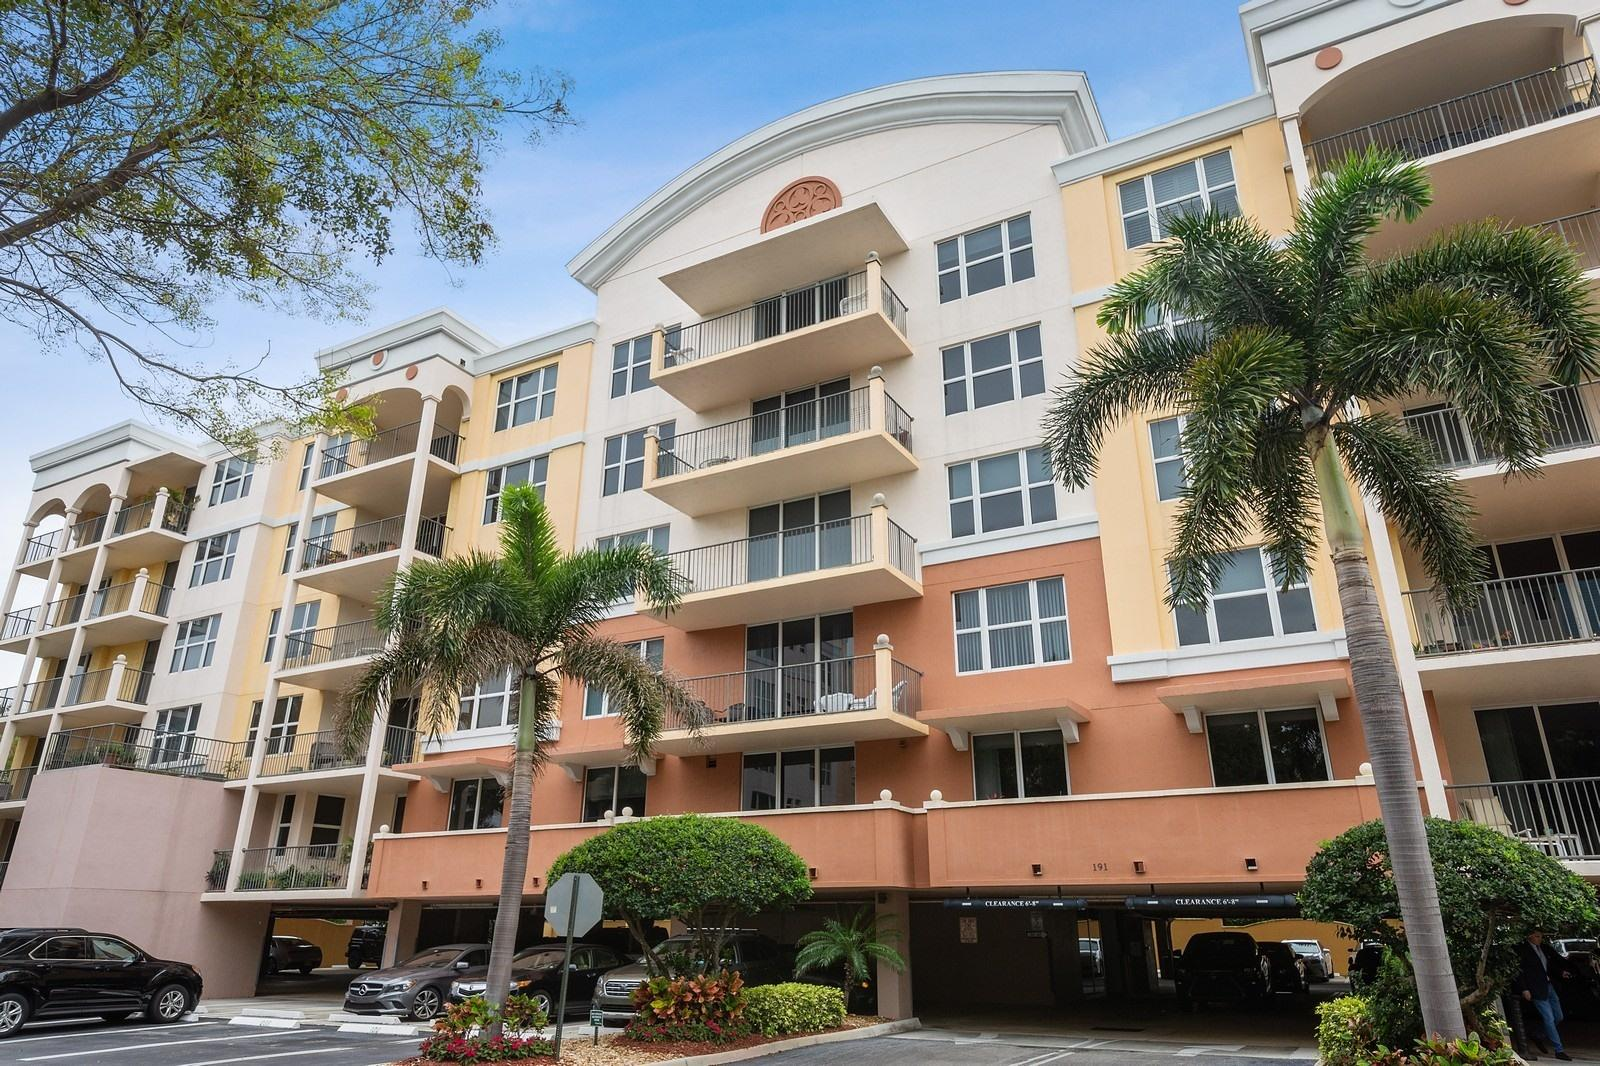 Home for sale in One Ocean Deerfield Beach Florida